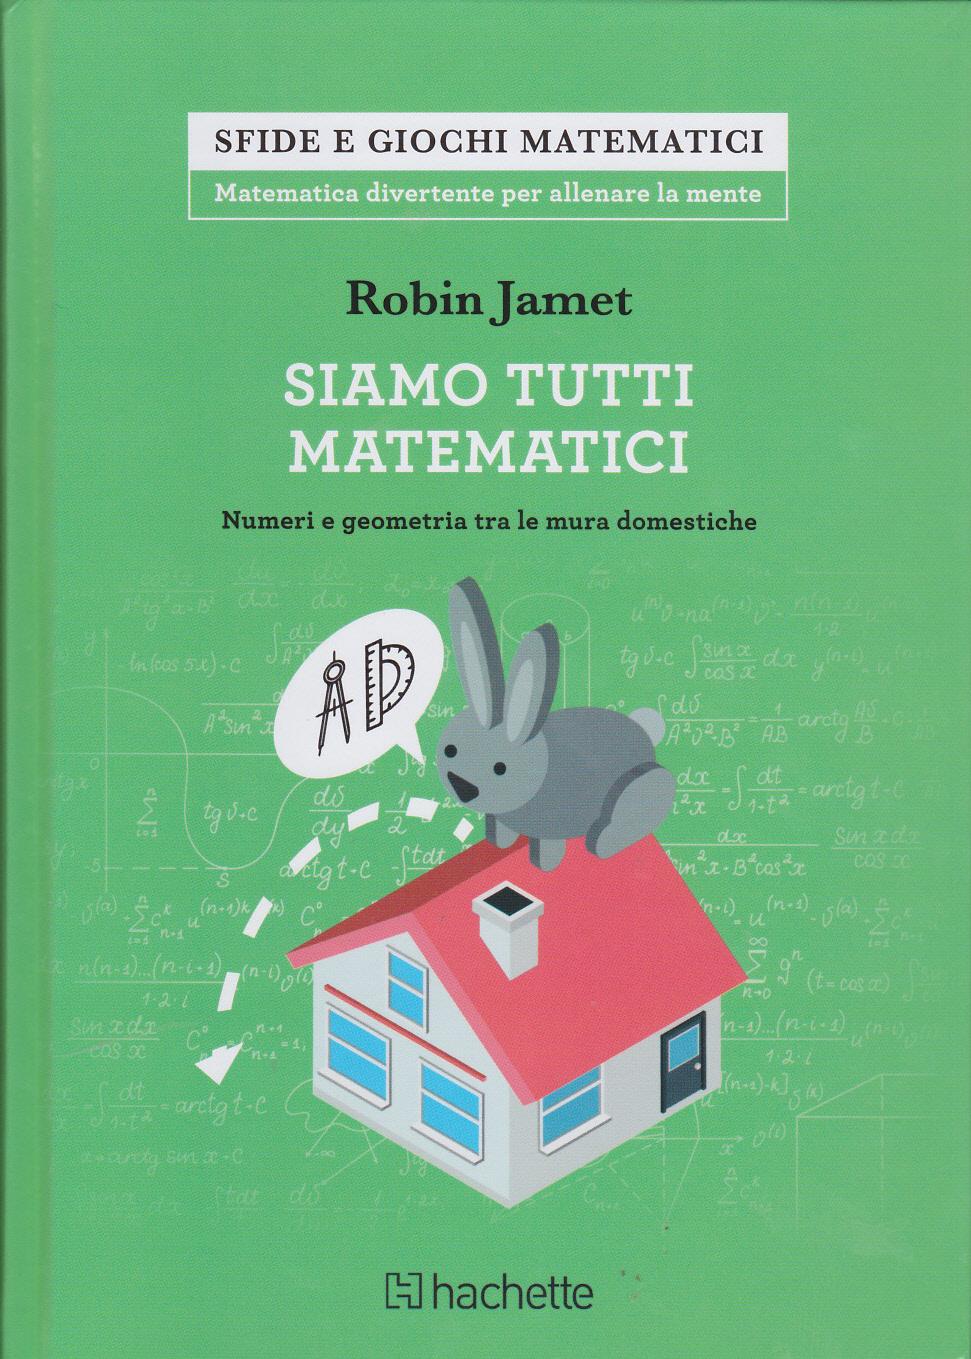 Sfide e giochi matematici n. 14